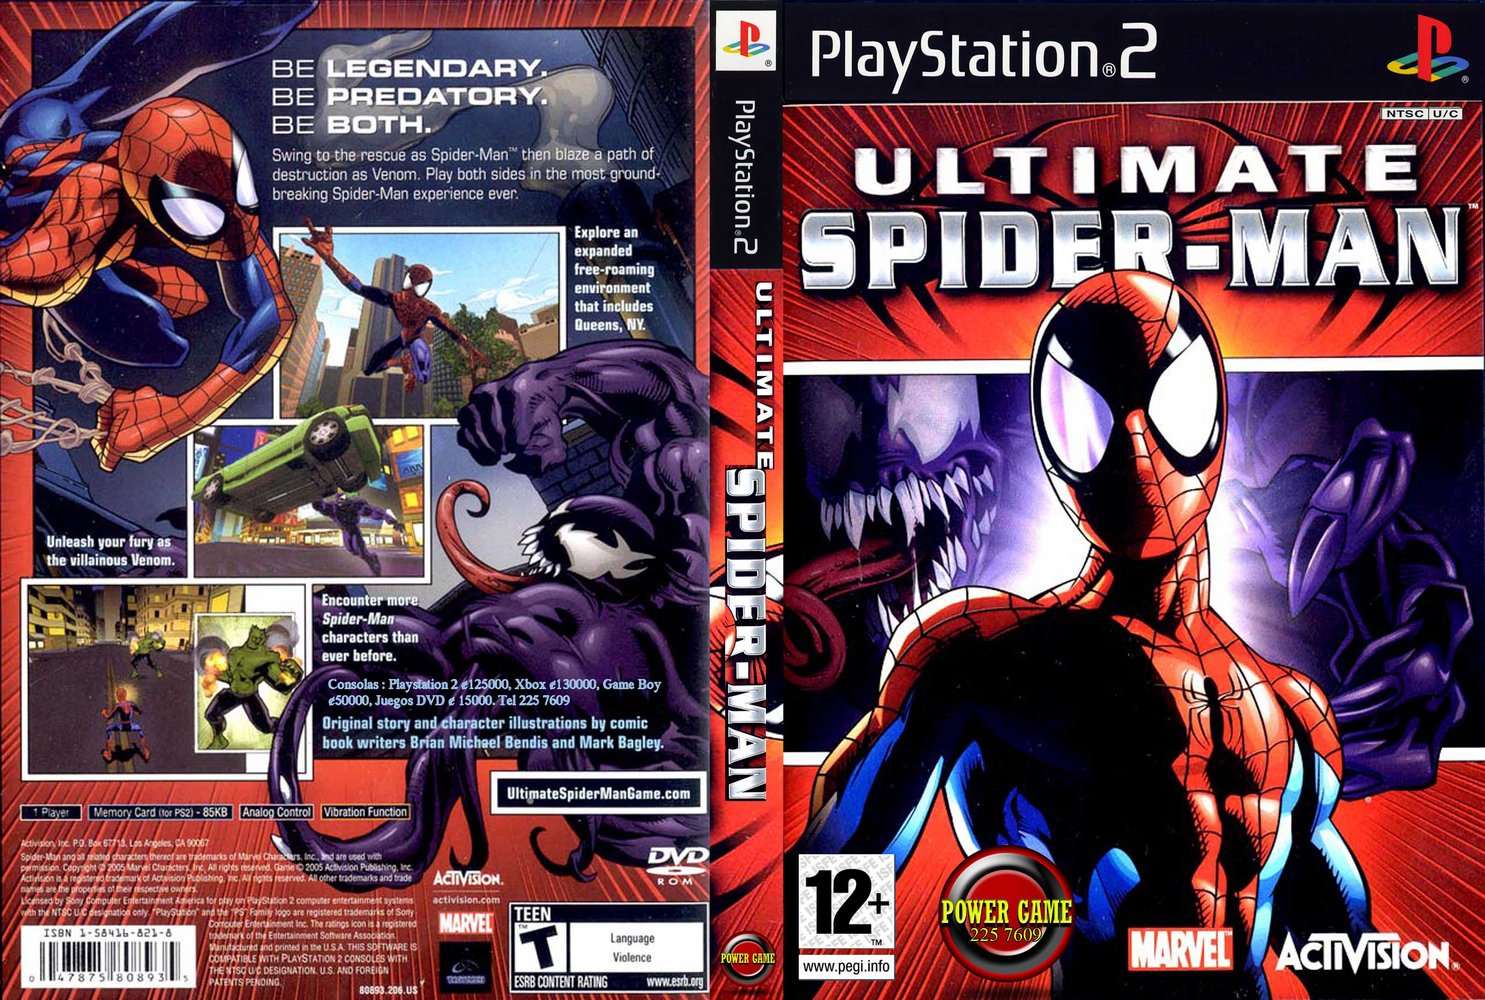 Lo prximo de Platinum Games podra ser un juego de SpiderMan